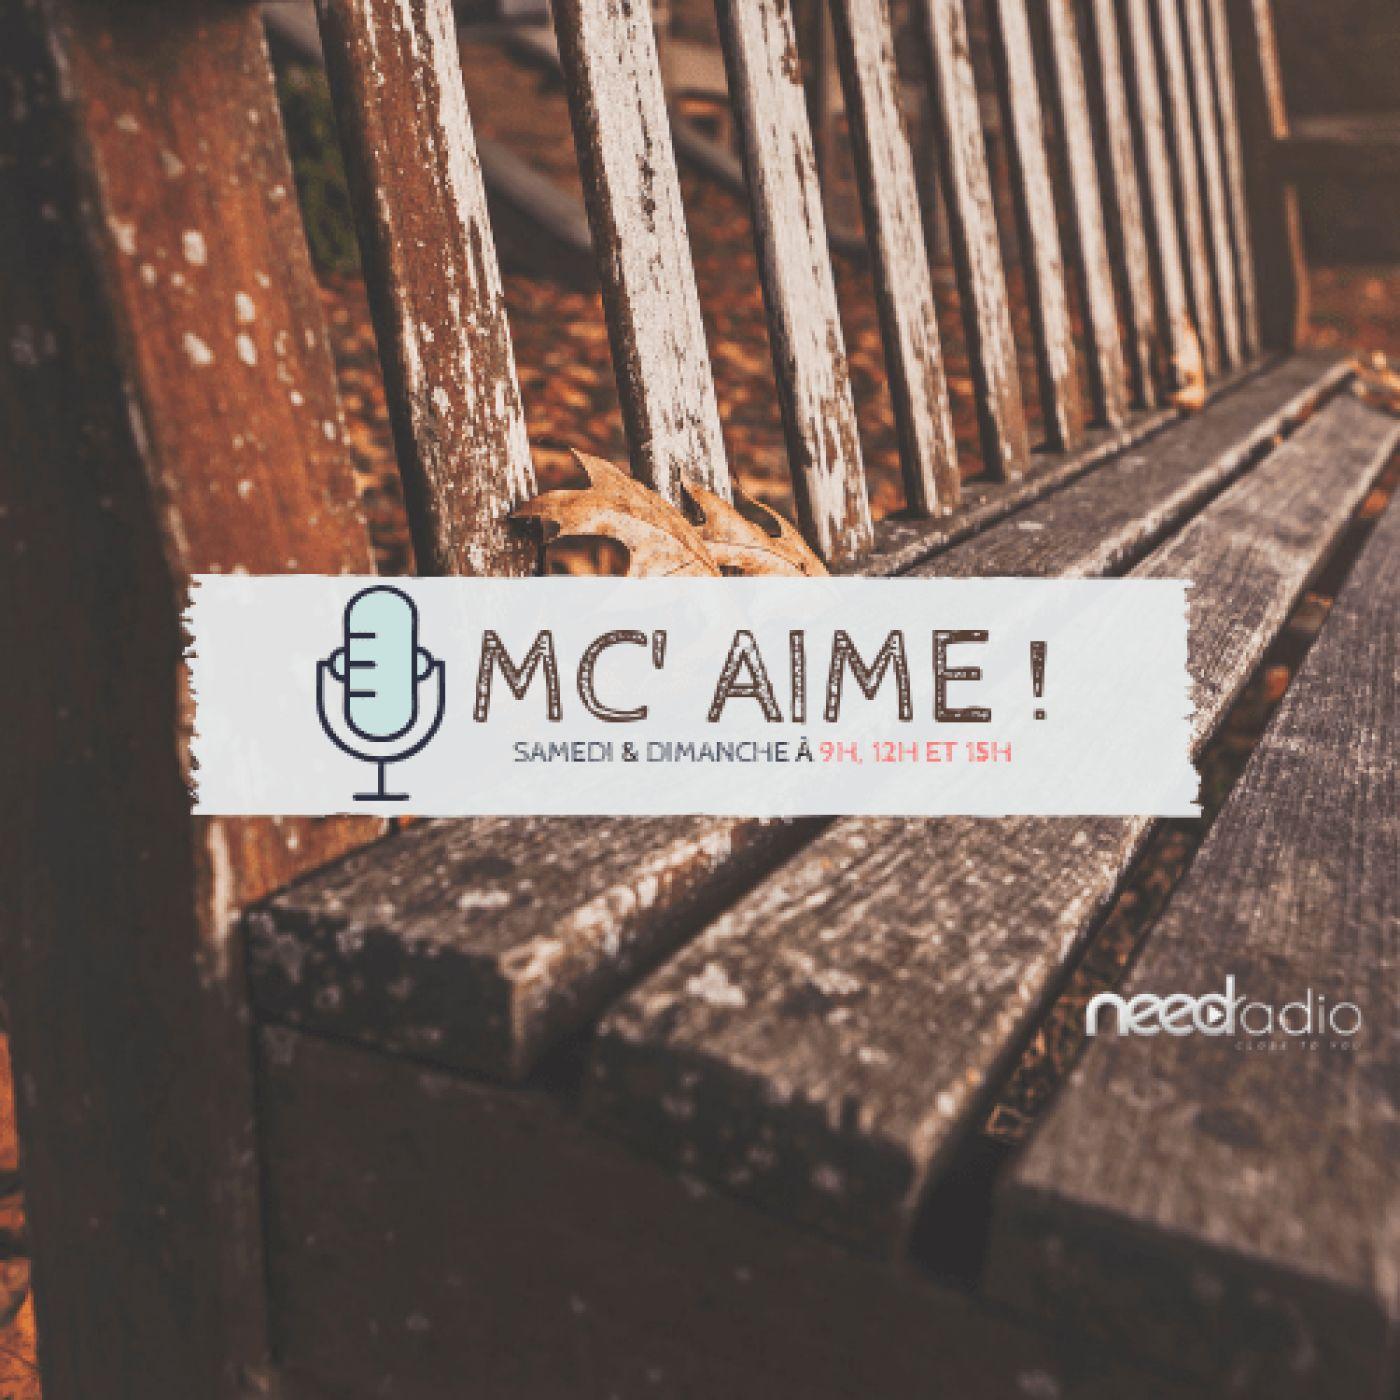 MC' Aime - C'est ca l'amour, Film de Claire Burger (06/04/19)